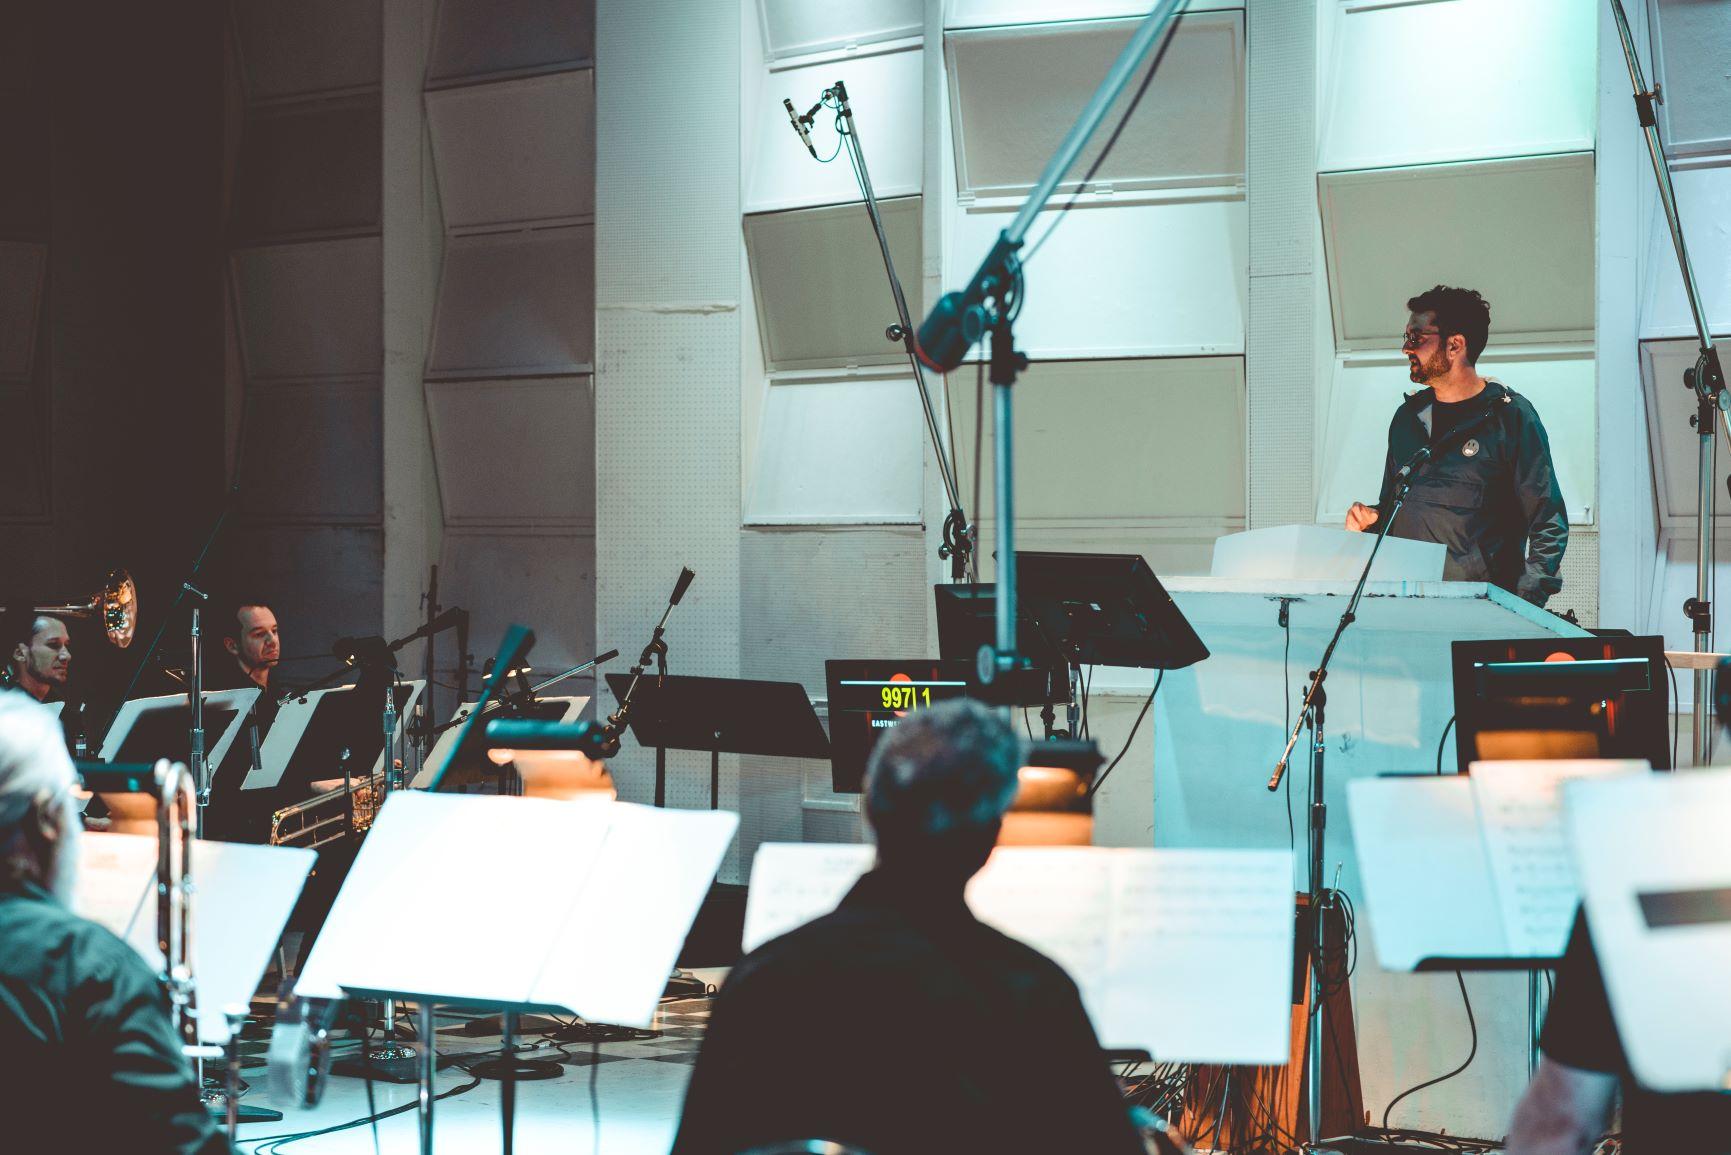 Artist Focus: Composer Gregory Reveret's Plugin Highlights